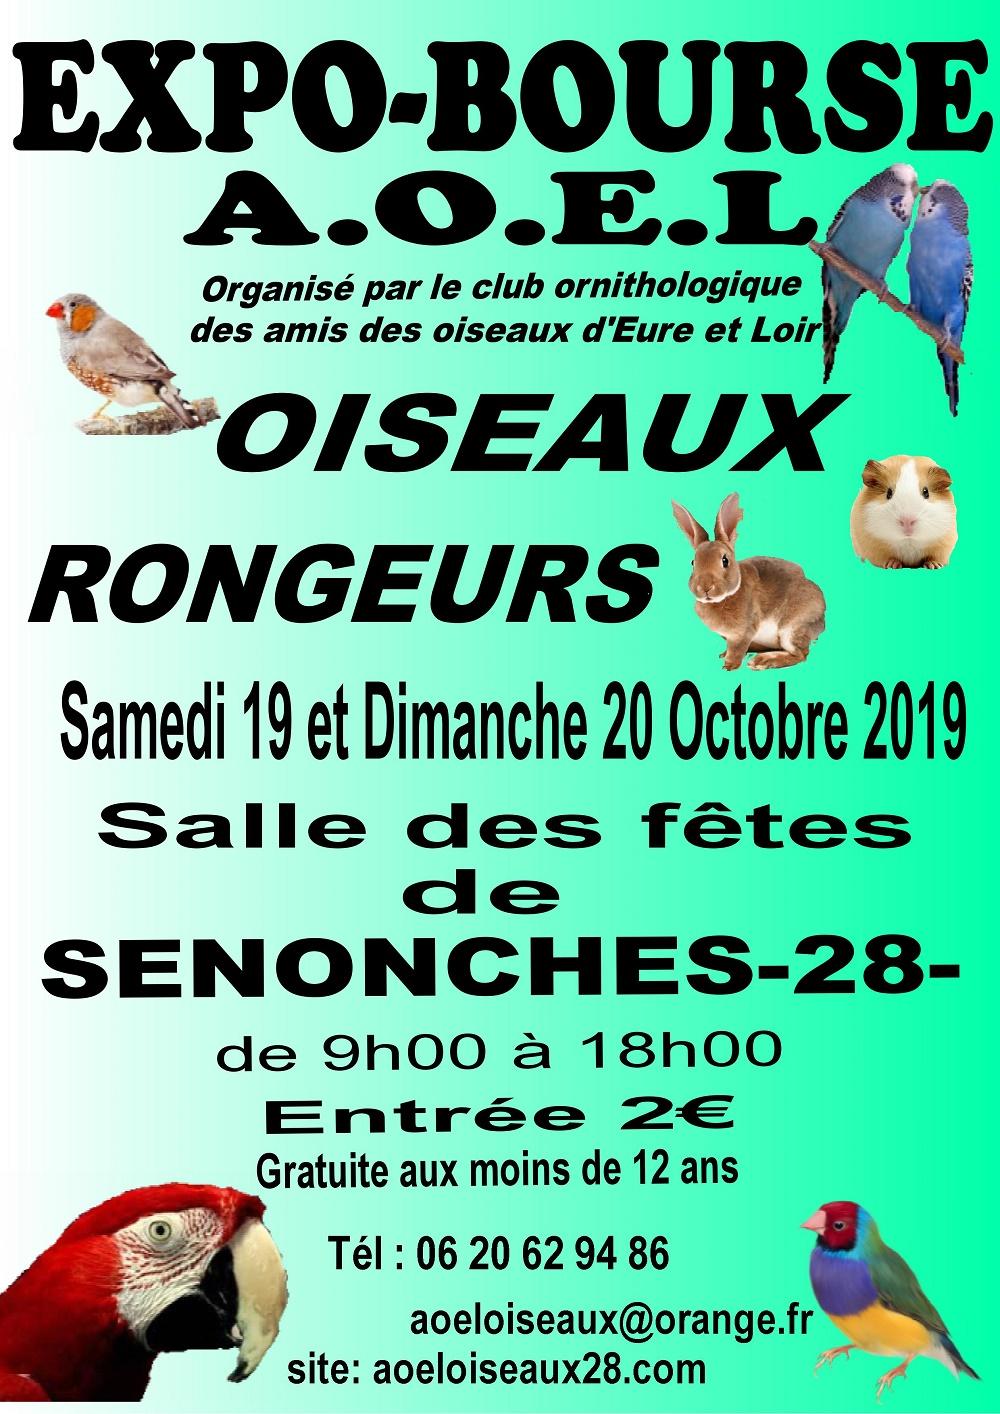 Expo-Bourse / Oiseaux et rongeurs à SENONCHES © A.O.E.L